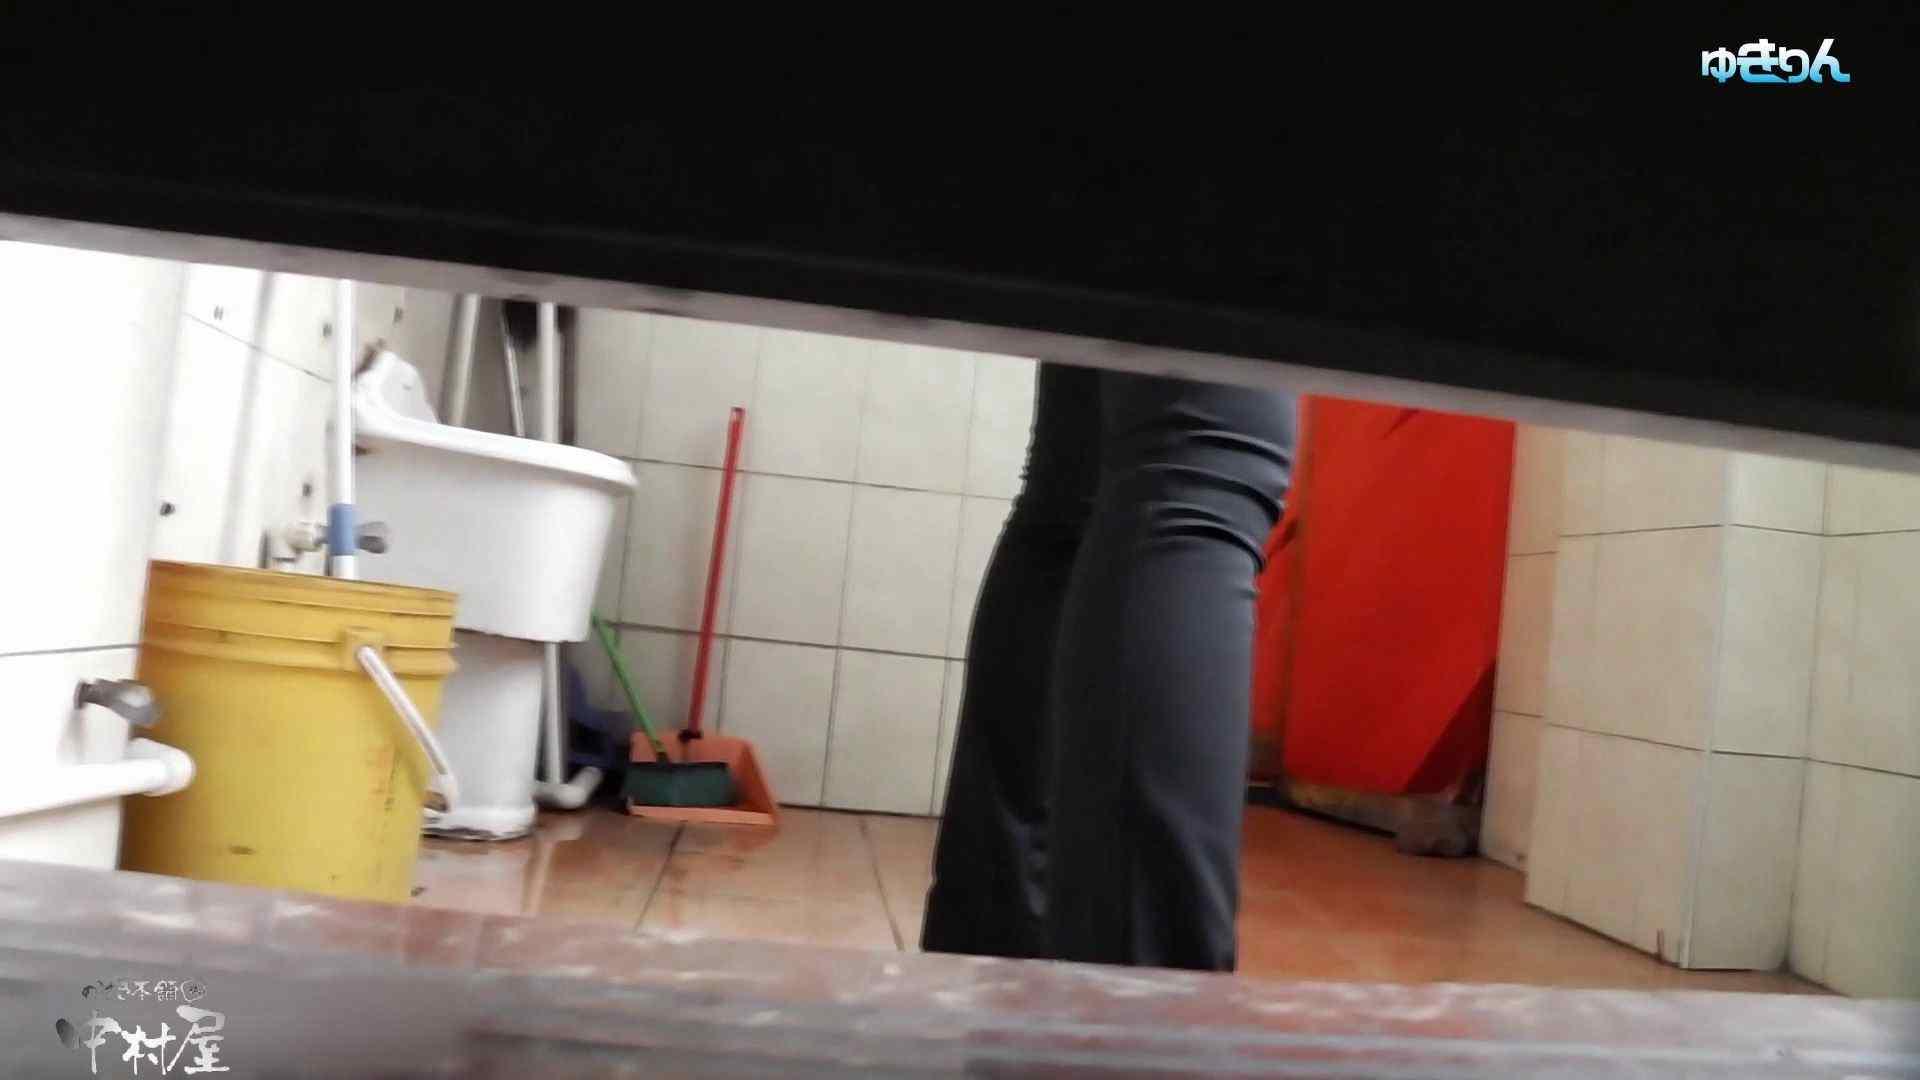 世界の射窓から~ステーション編 vol60 ユキリン粘着撮り!!今回はタイトなパンツが似合う美女 0 | 0  82pic 51